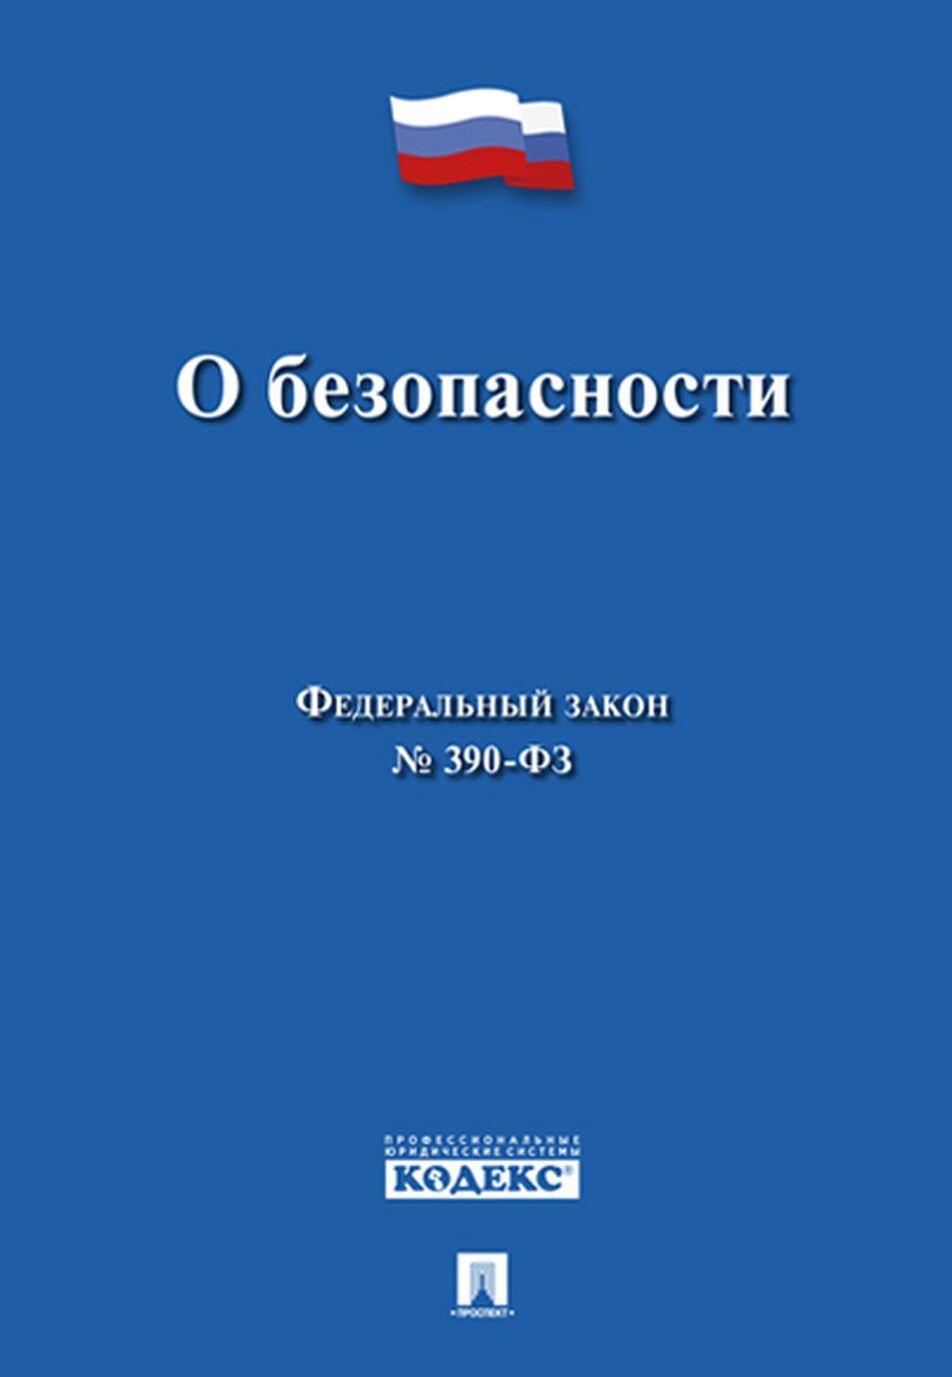 O bezopasnosti. Federalnyj zakon № 390-FZ